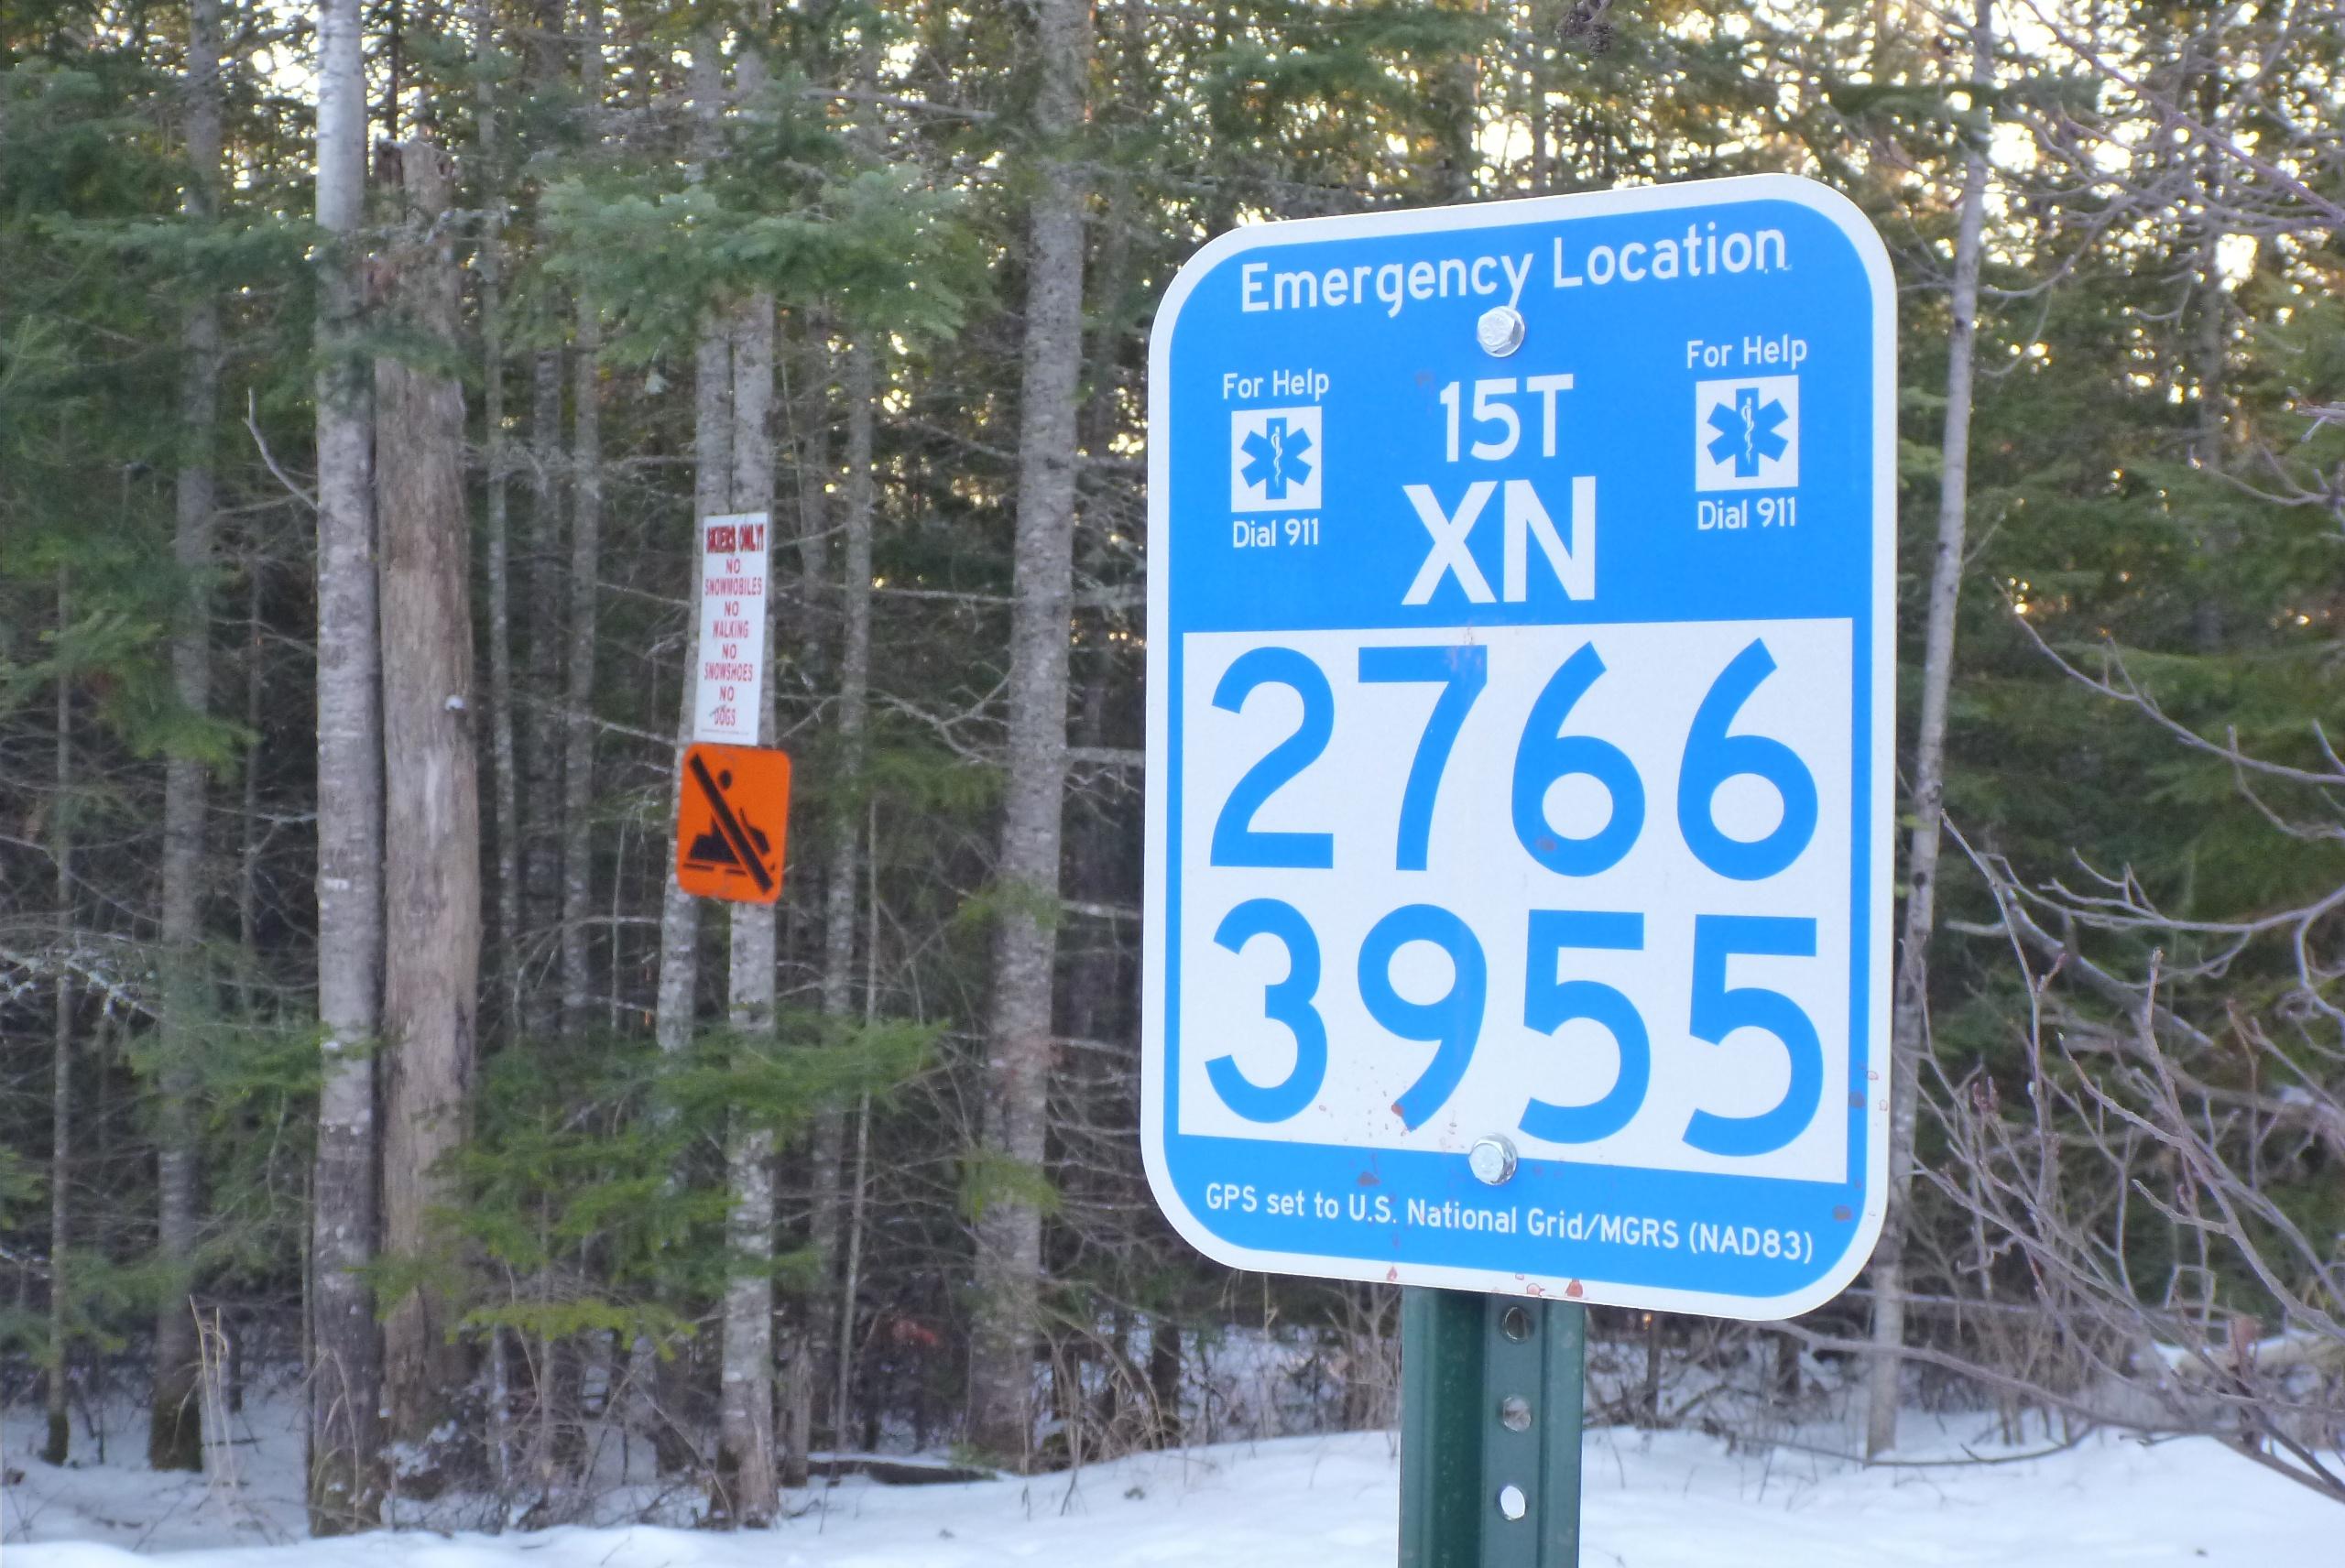 USNG Marker Sign on Trail